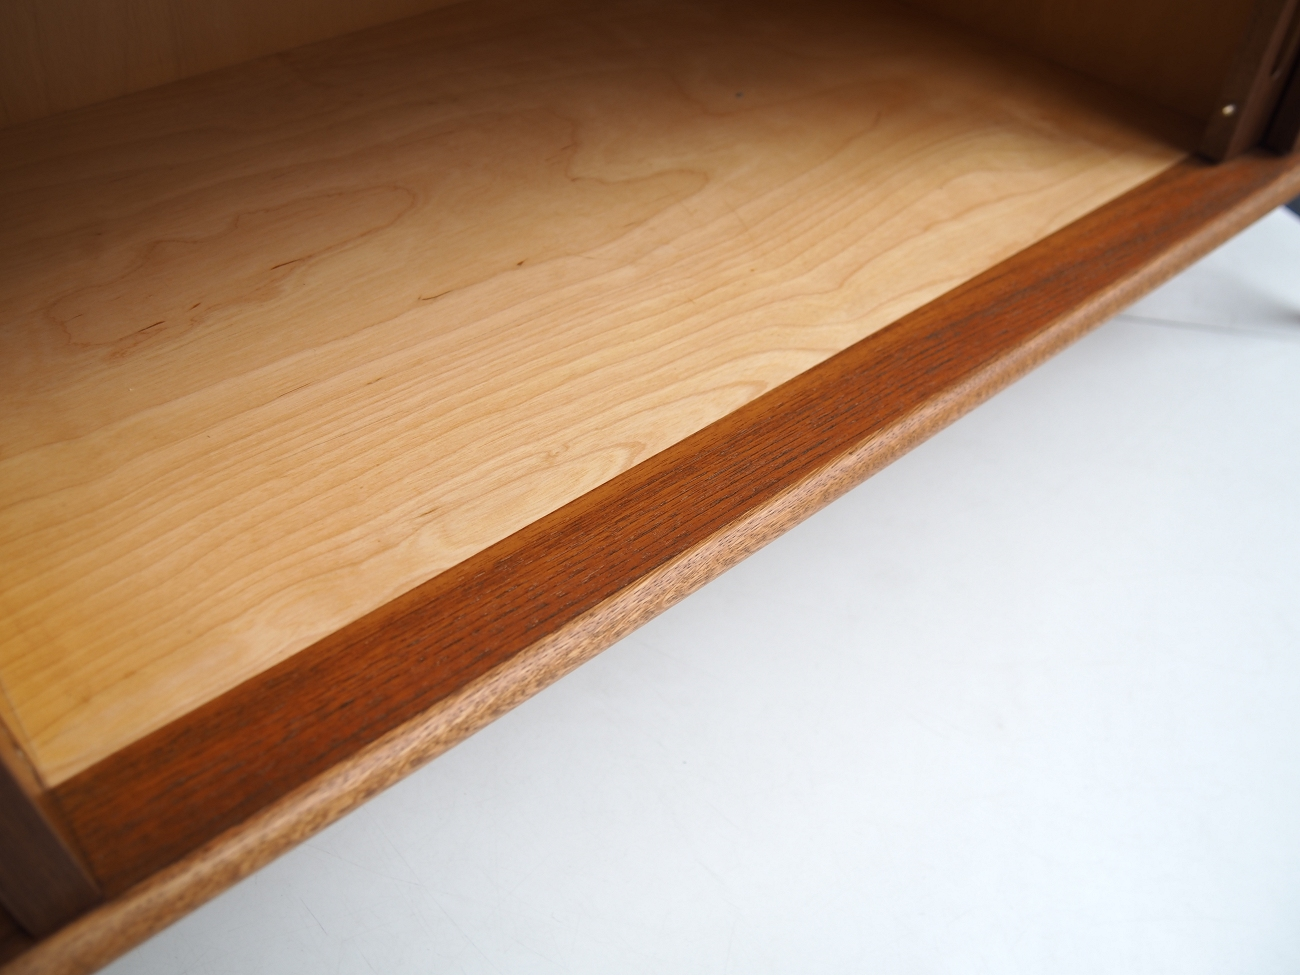 スウェーデン製ビンテージ北欧家具のサイドボード チーク×オーク